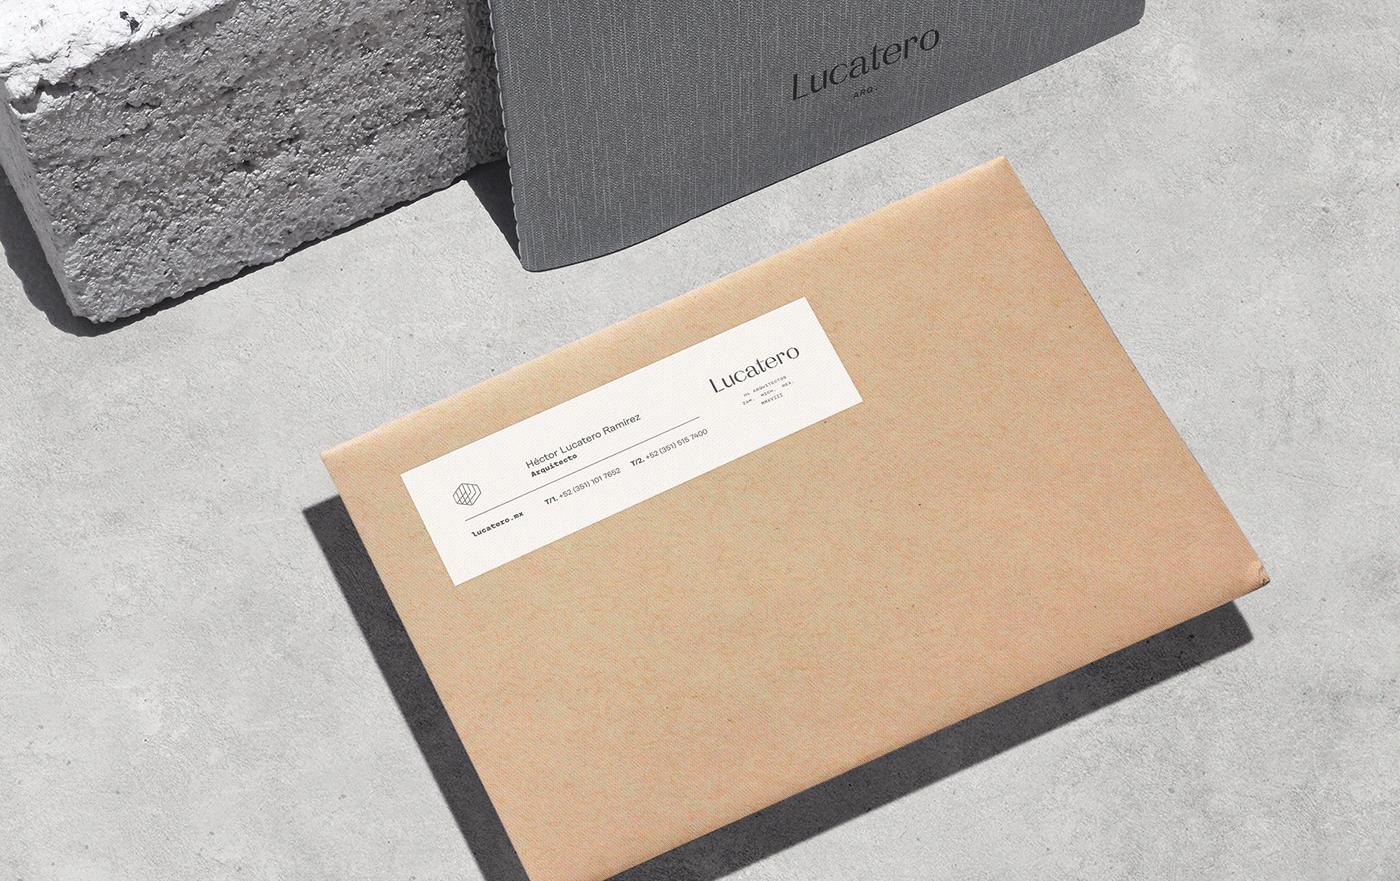 Image may contain: box and handwriting